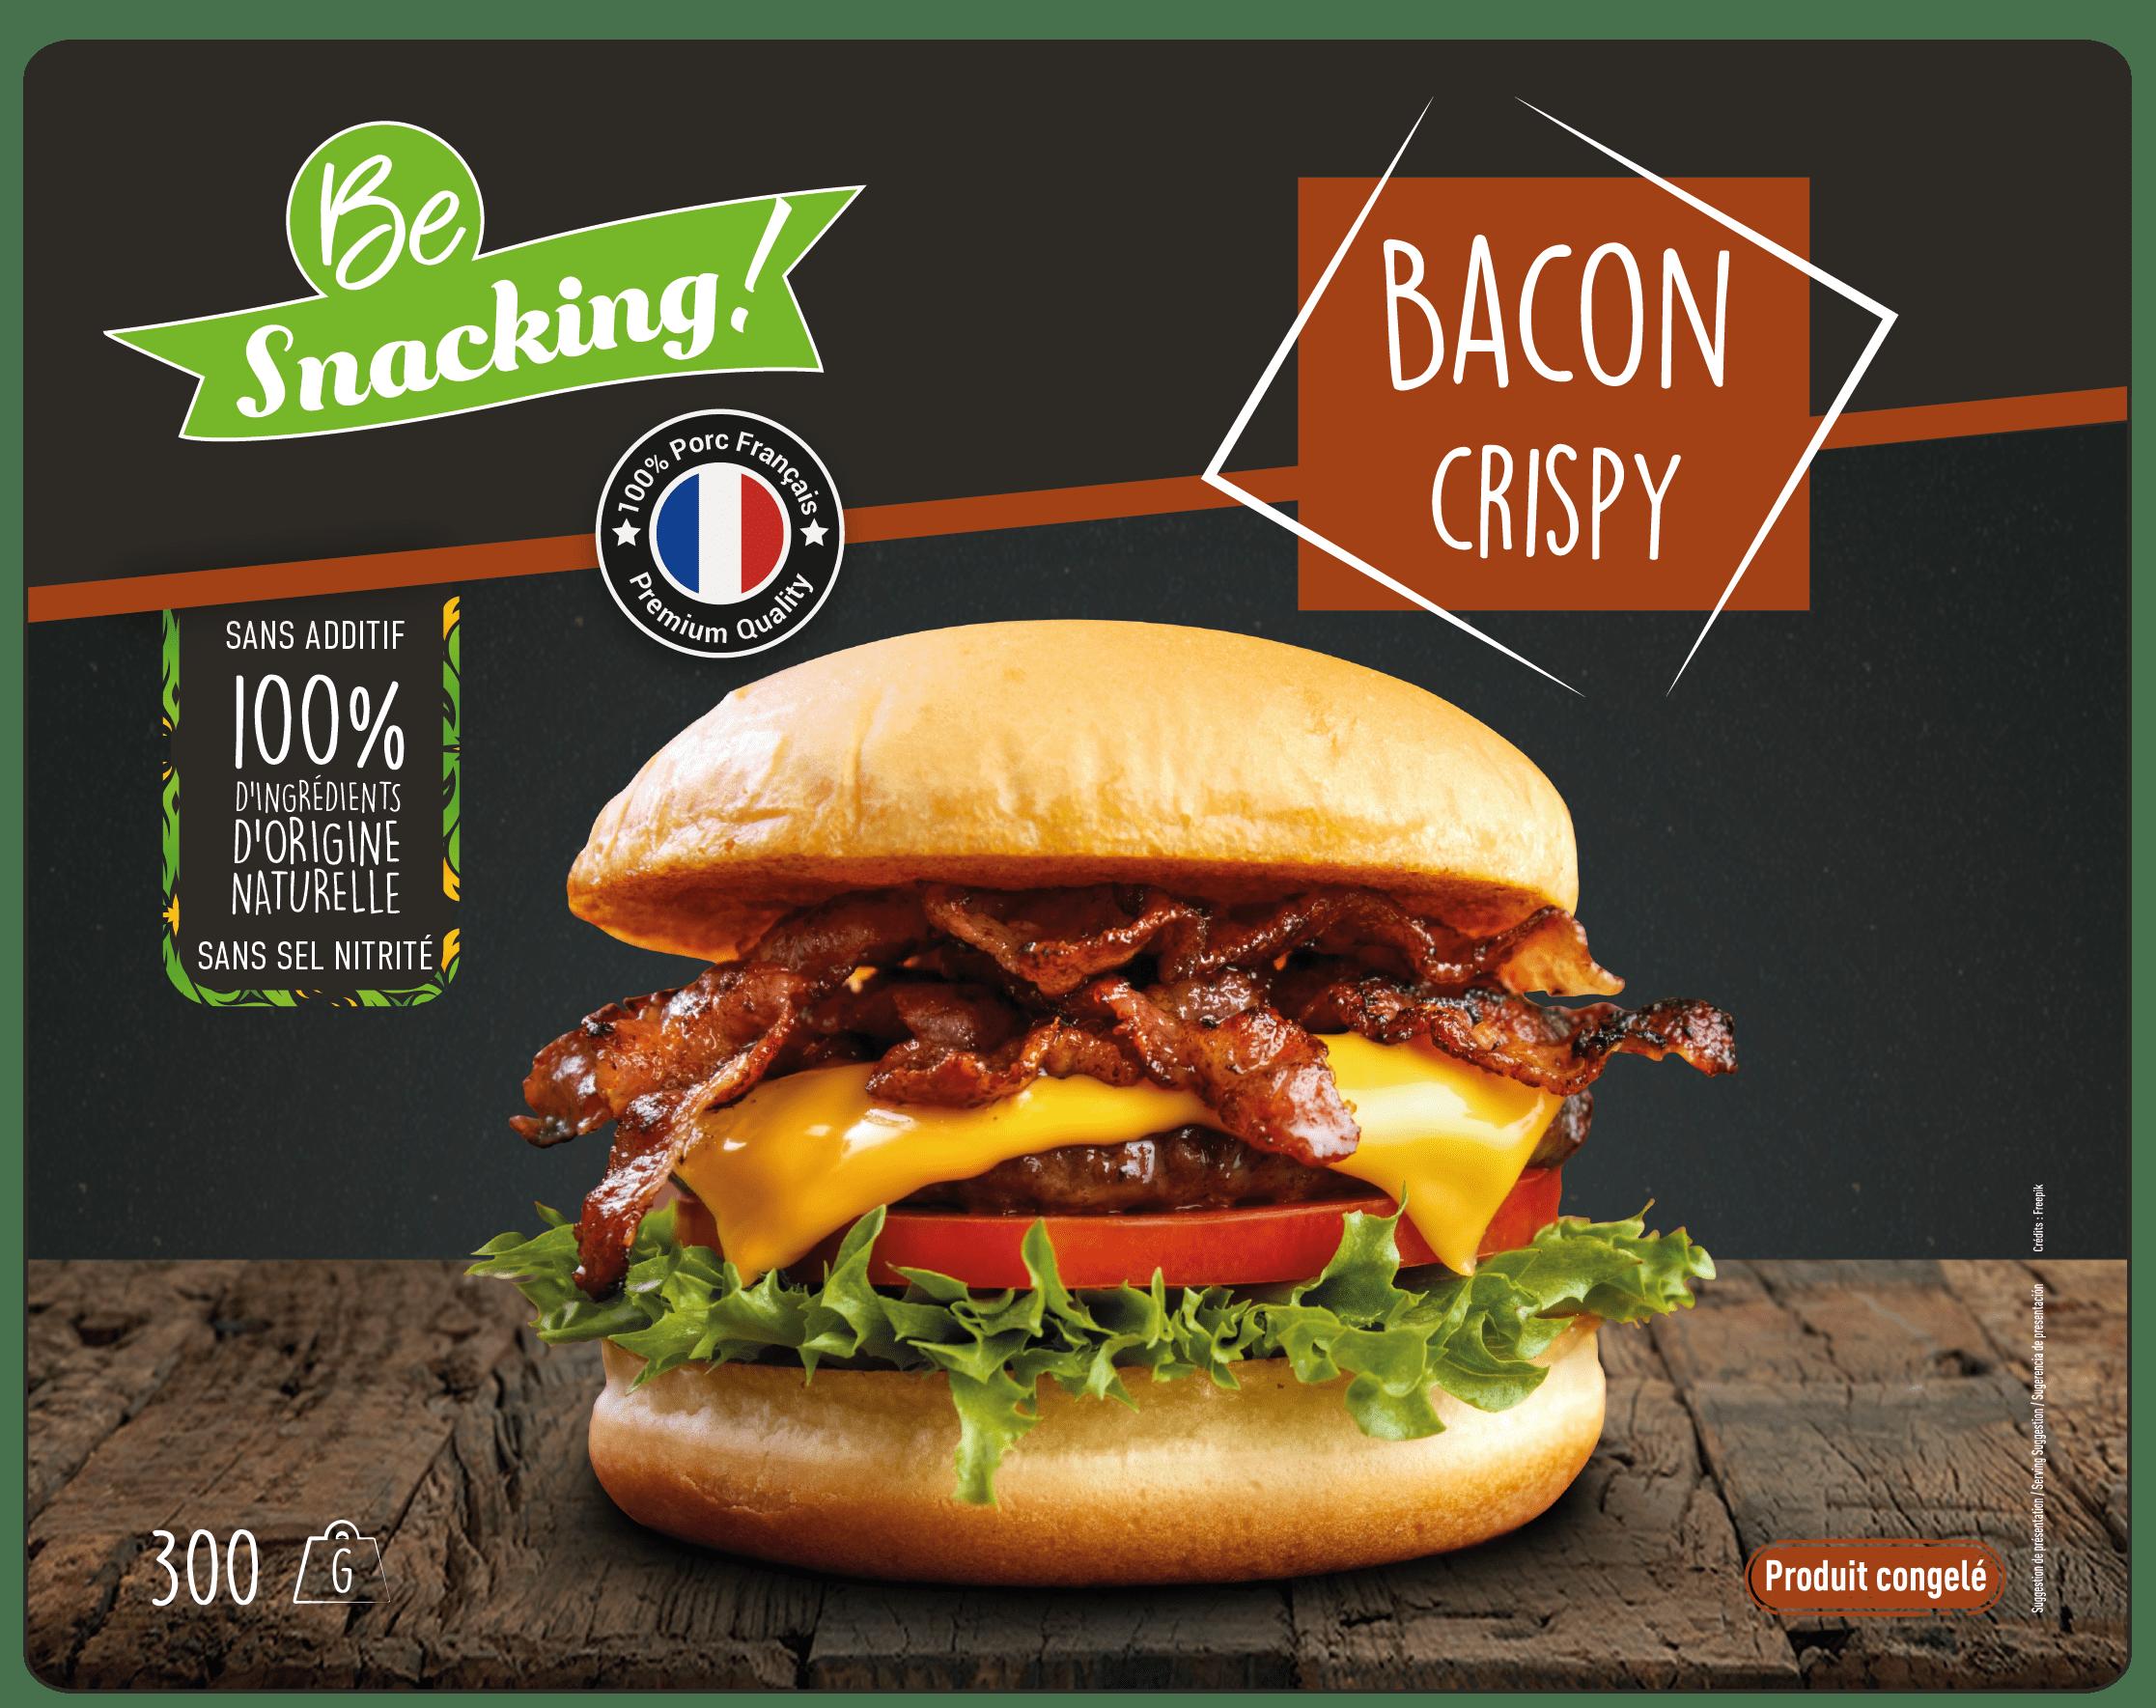 Bacon de porc crispy origine France Be Snacking